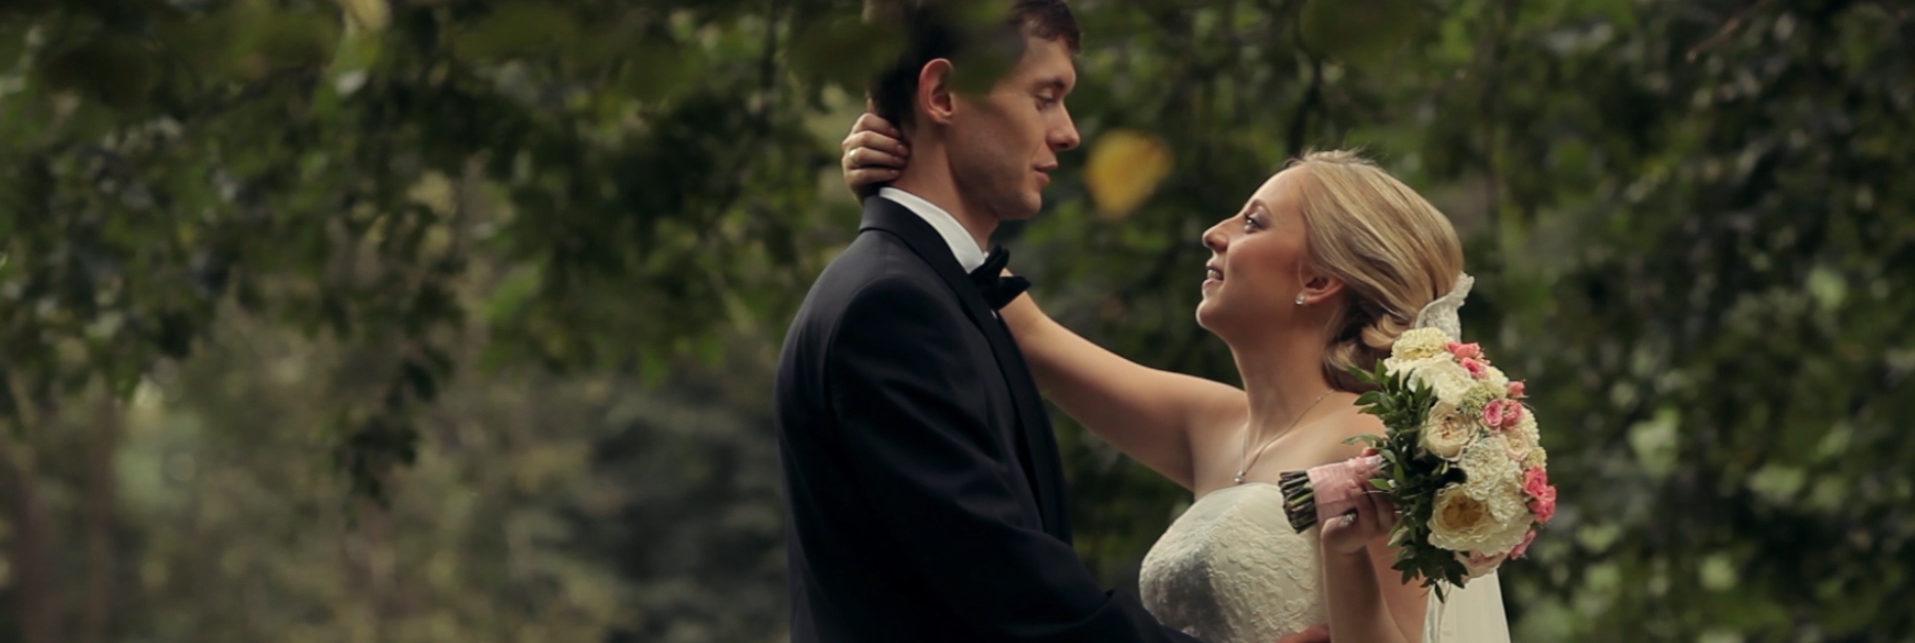 съемка видео свадьбы